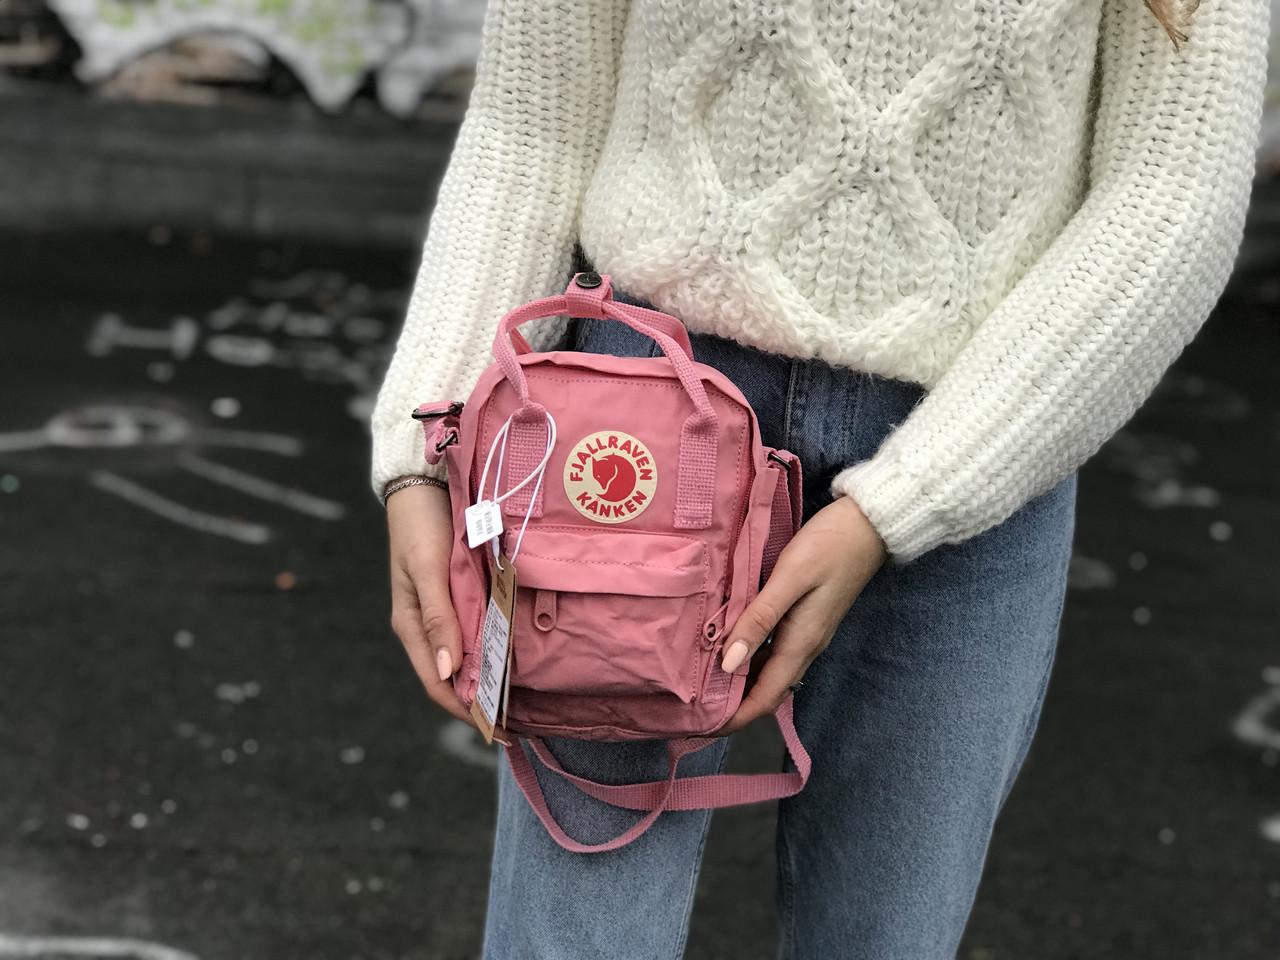 Женская сумка Kanken c плечевым ремнем, пудровая